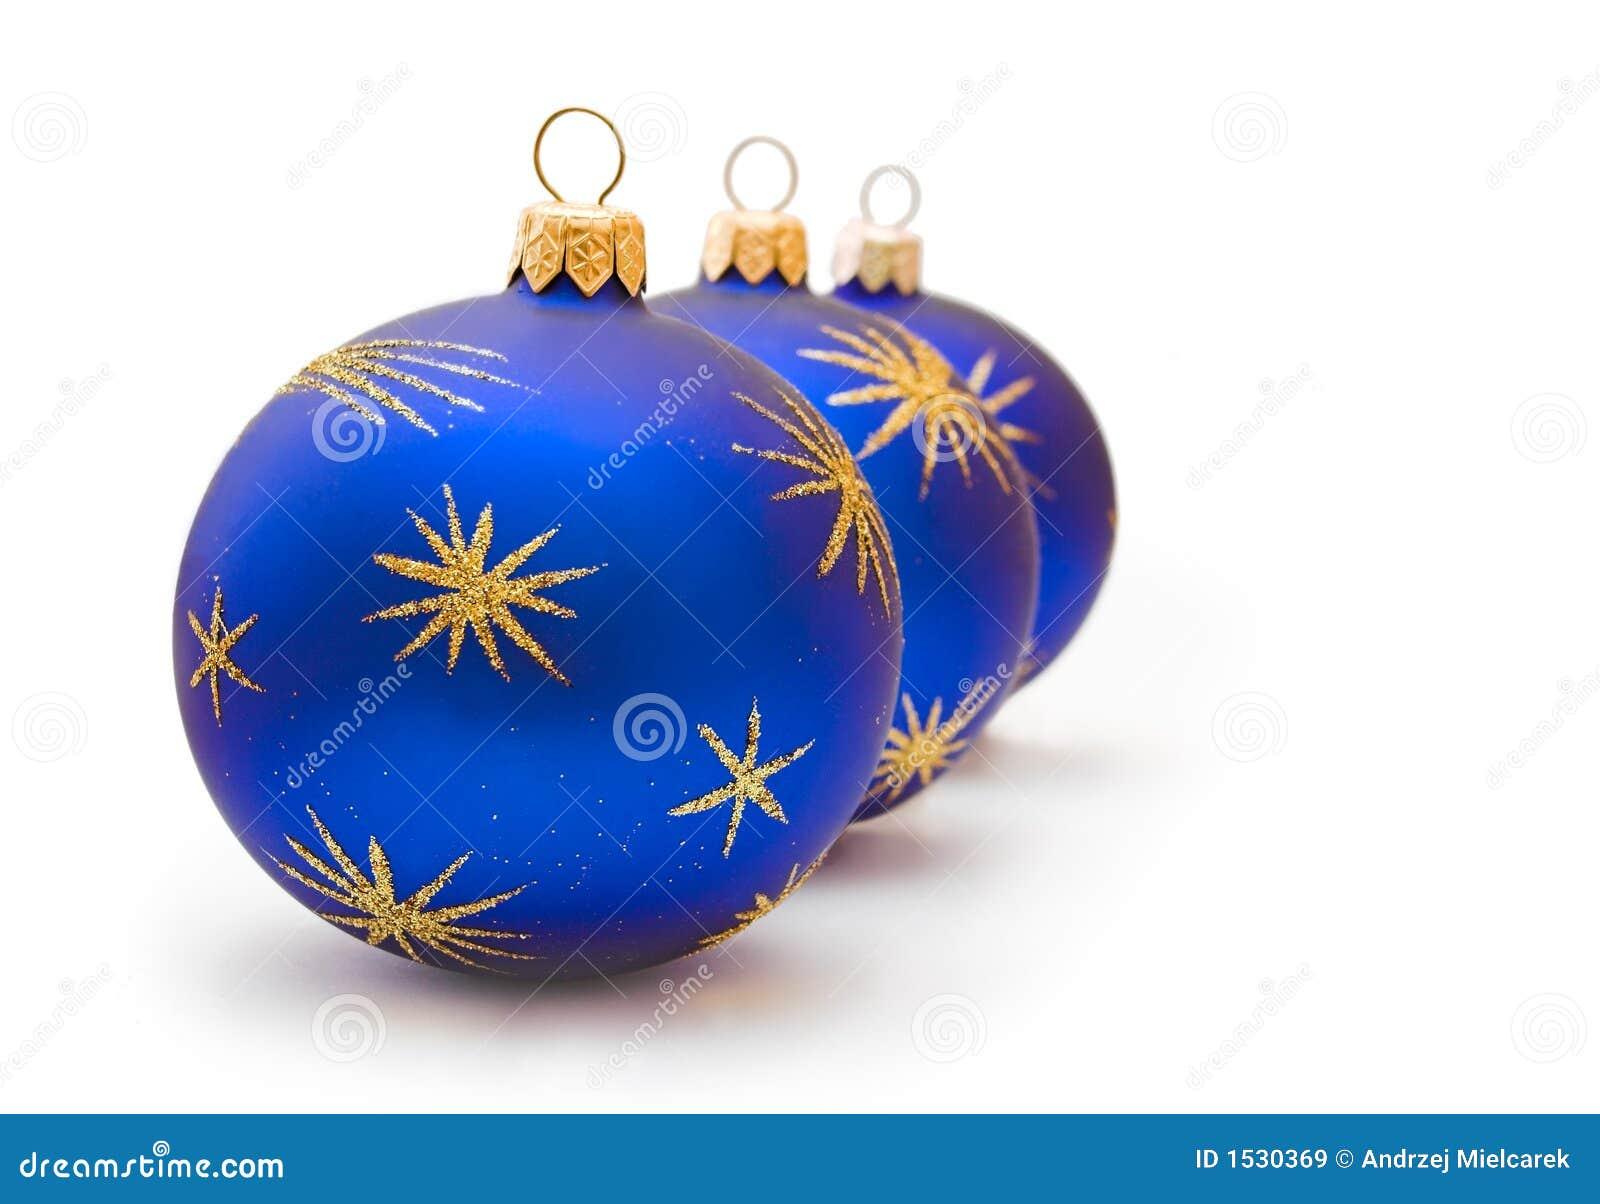 Bolas azul marino de la navidad im genes de archivo libres for Imagenes de bolas de navidad